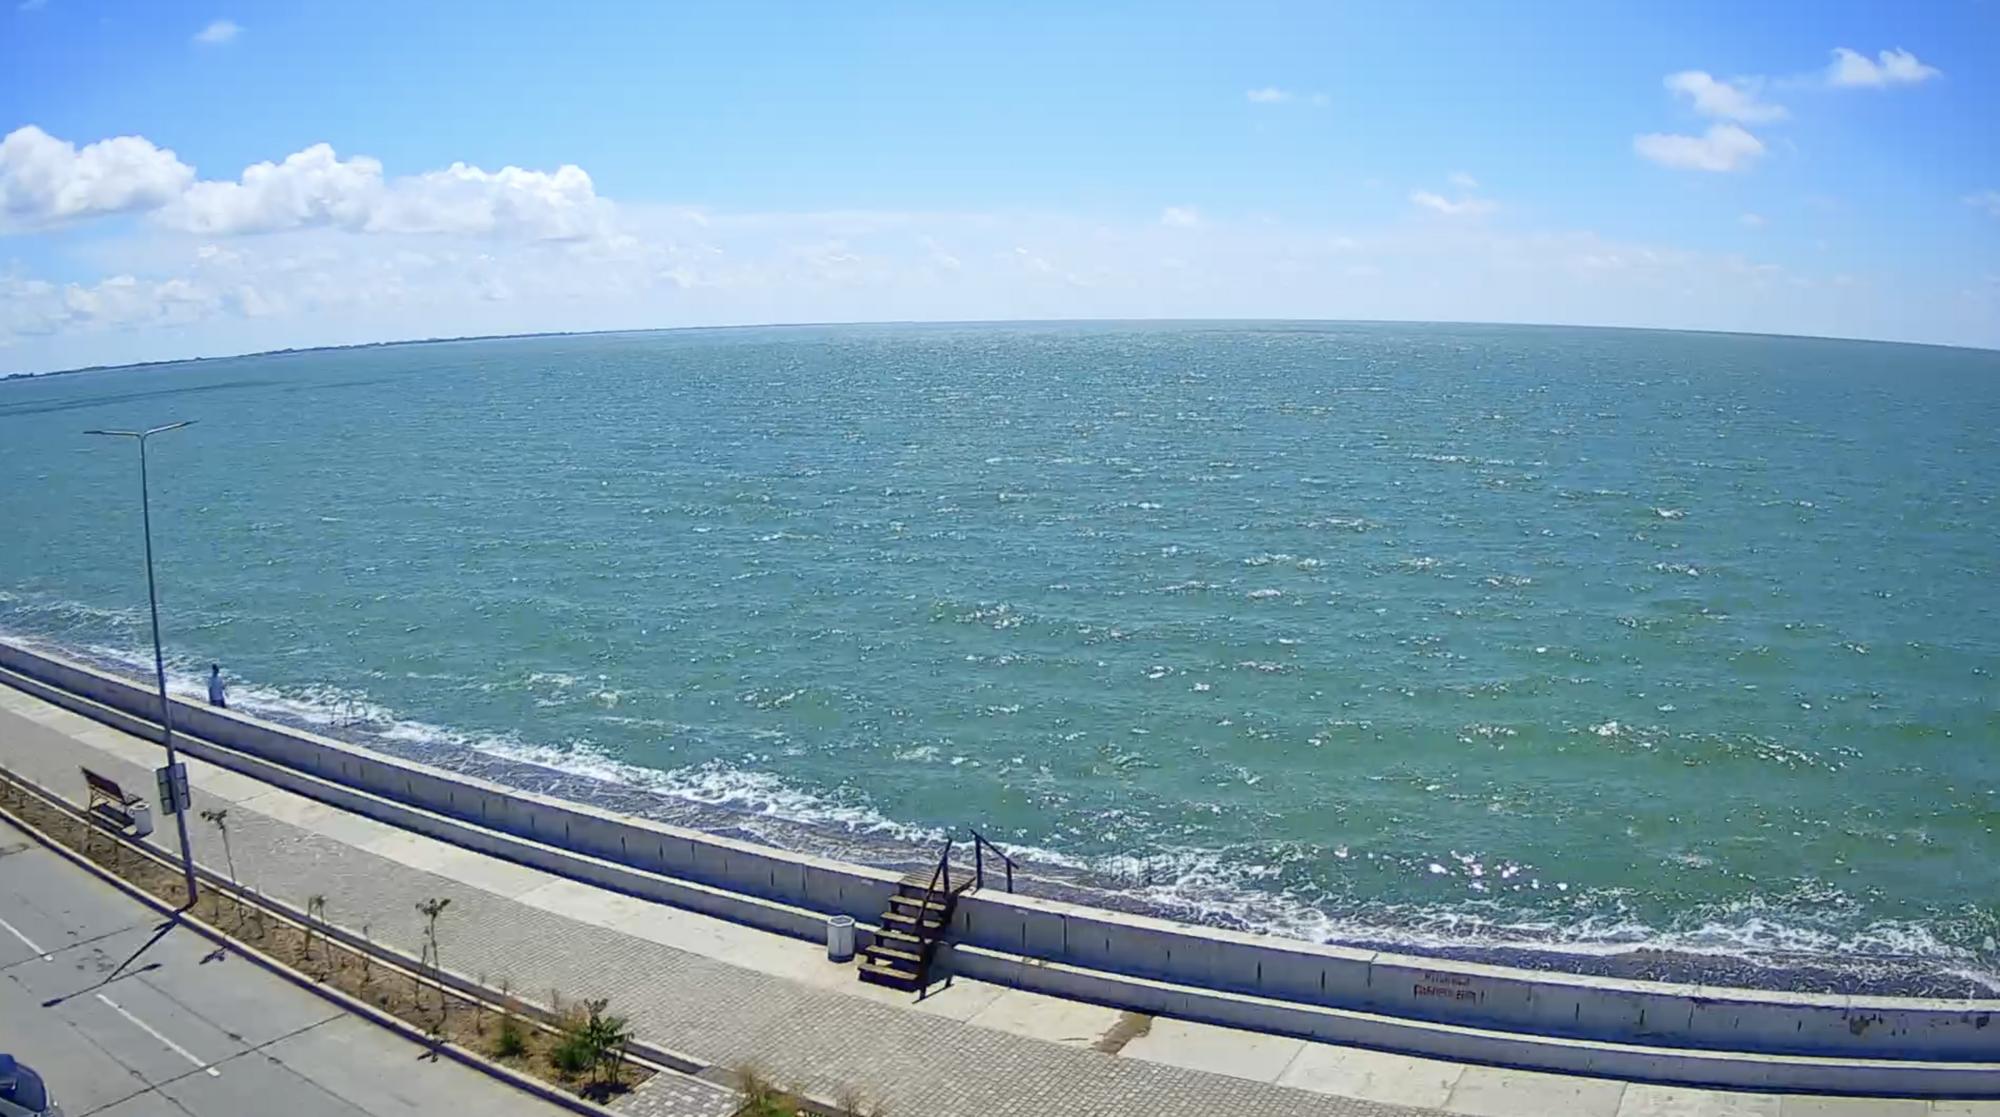 В Бердянске на Азовском море нет туристов.